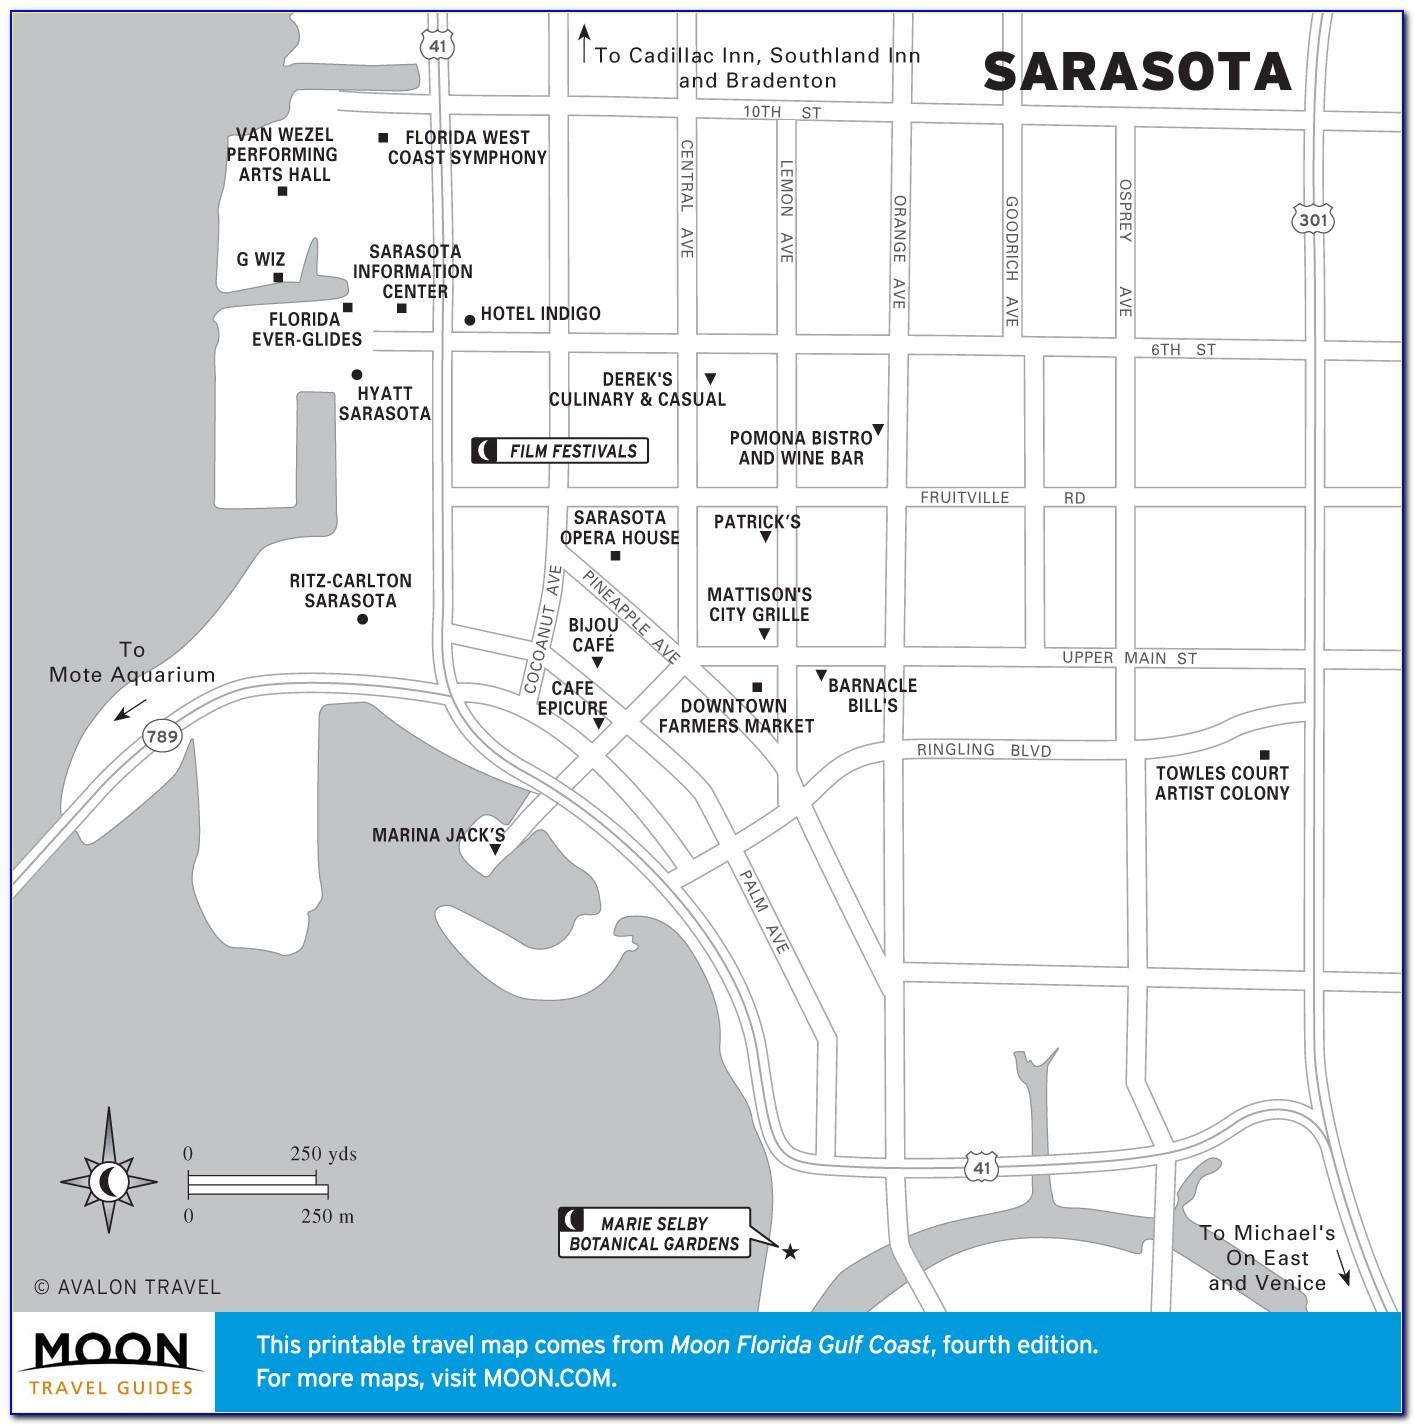 03 02 Dt Sarasota